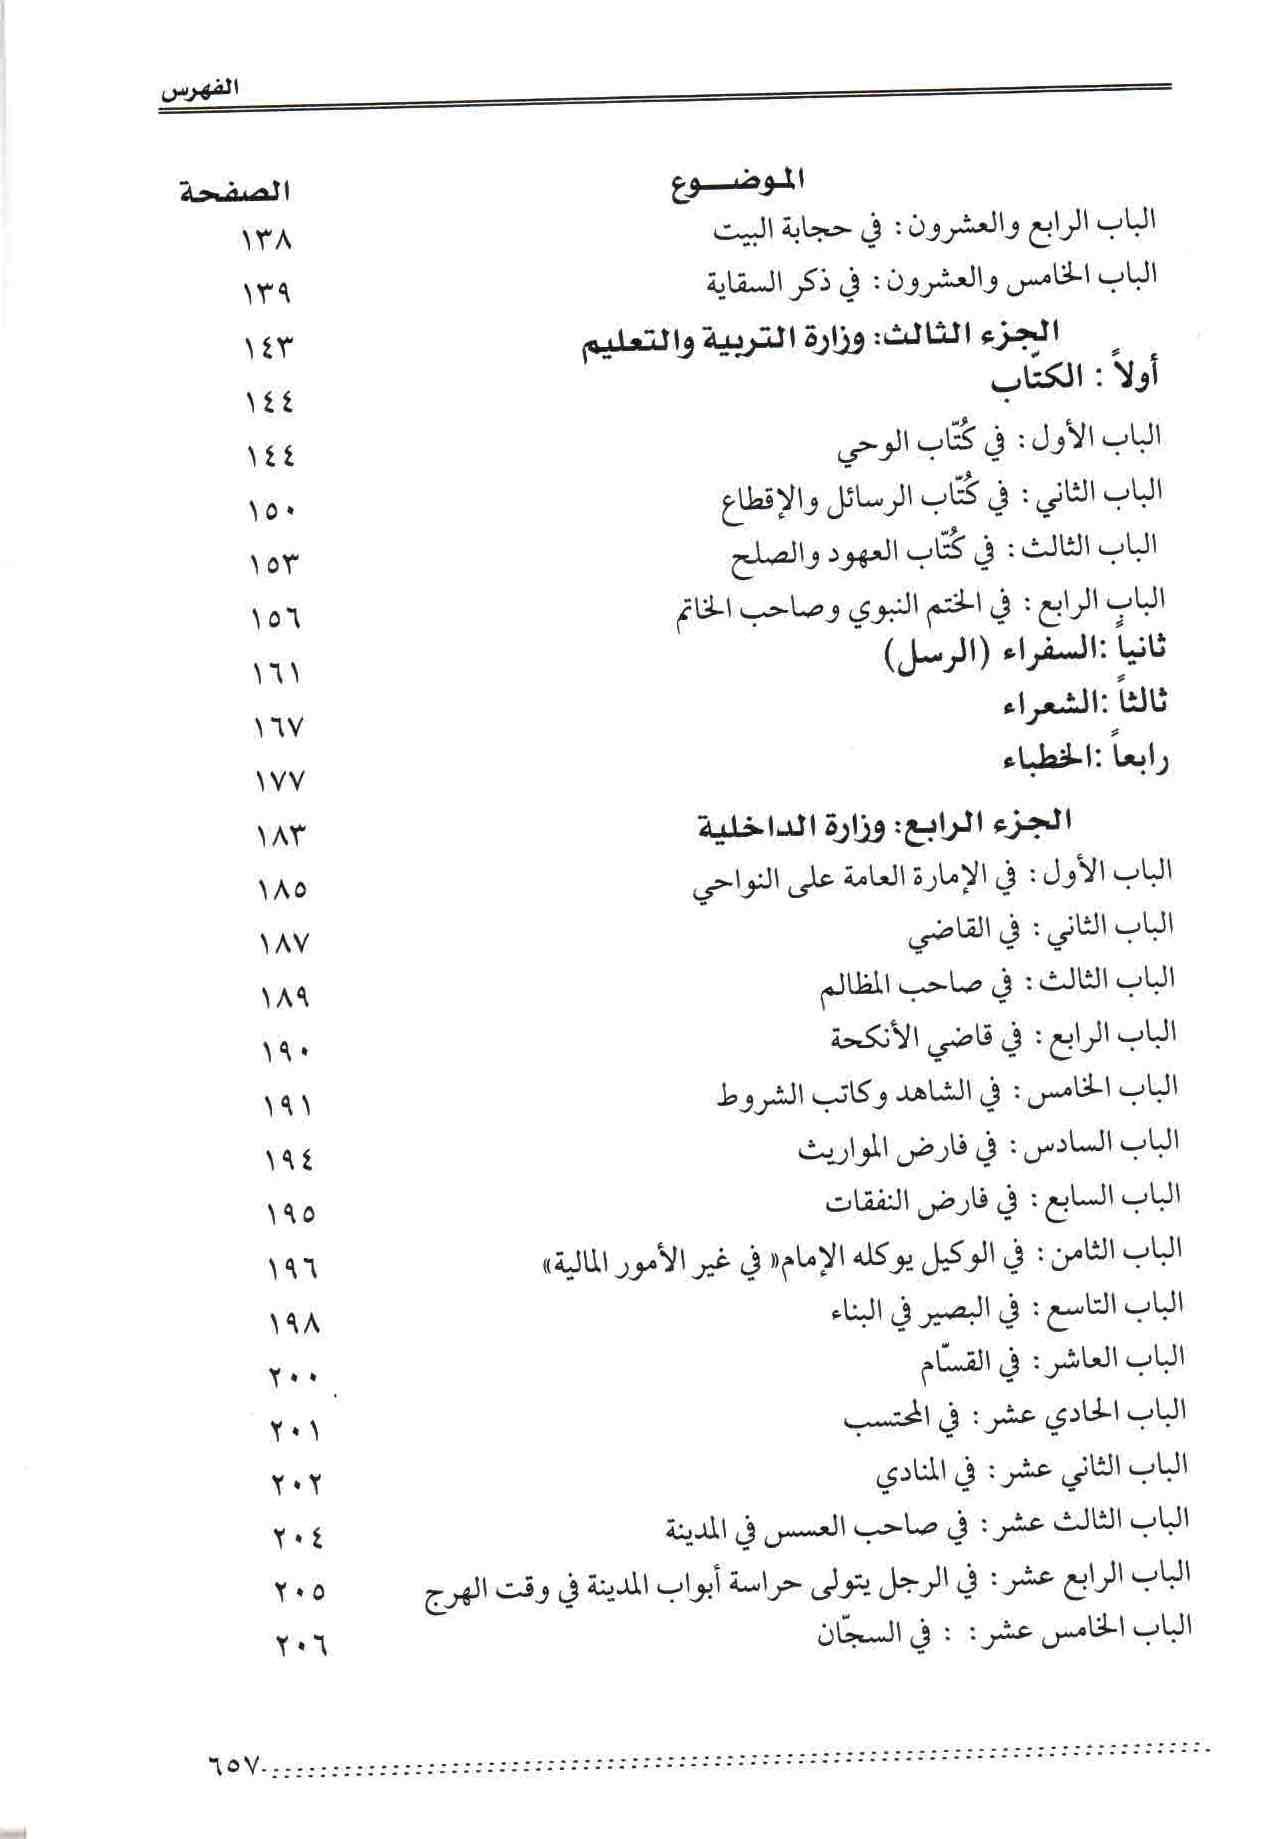 ص 57 محتويات كتاب نظام الحكومة النبوية المسمي التراتيب الإدارية